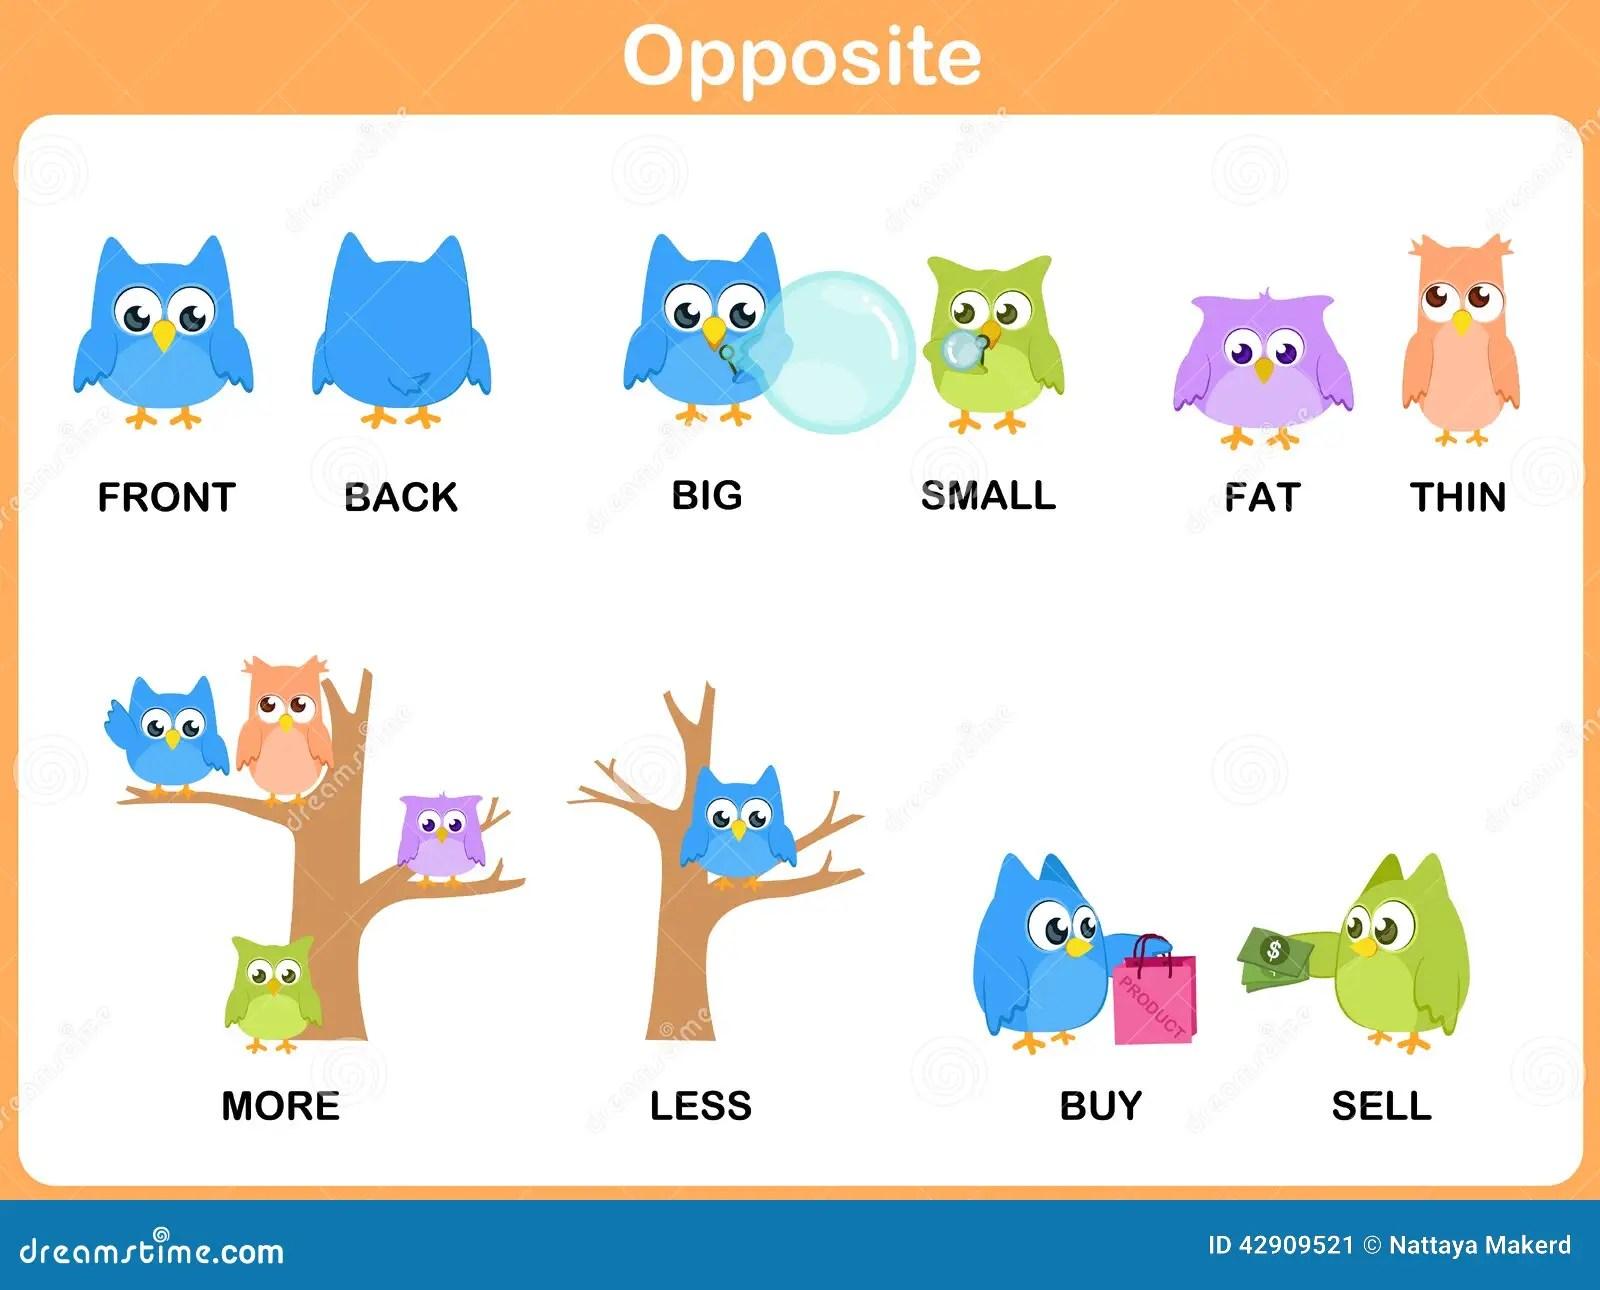 Match The Opposites Worksheet For Kindergarten